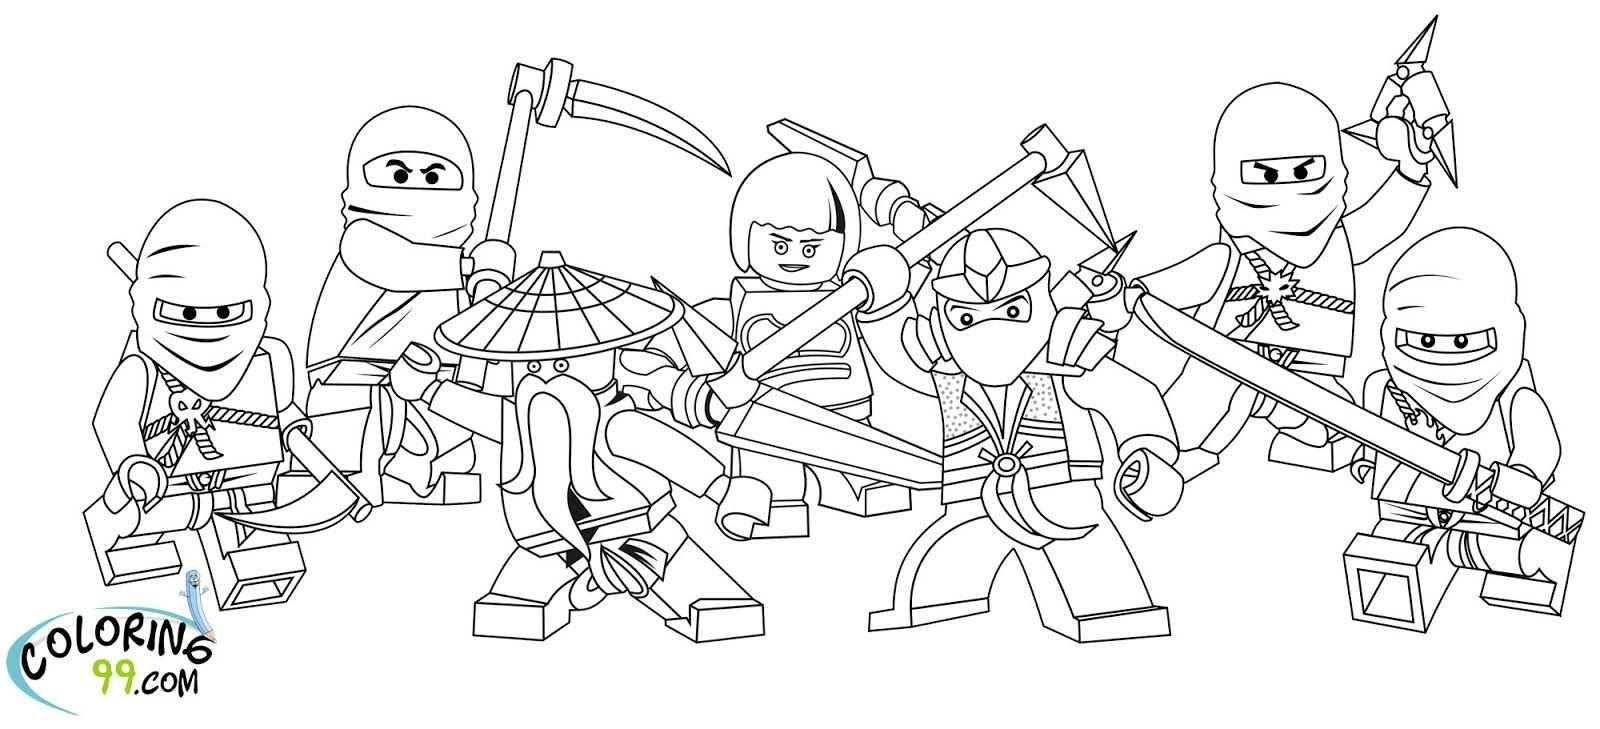 Ninjago Coloring Pages Lego Ninjago Coloring Pages To Print